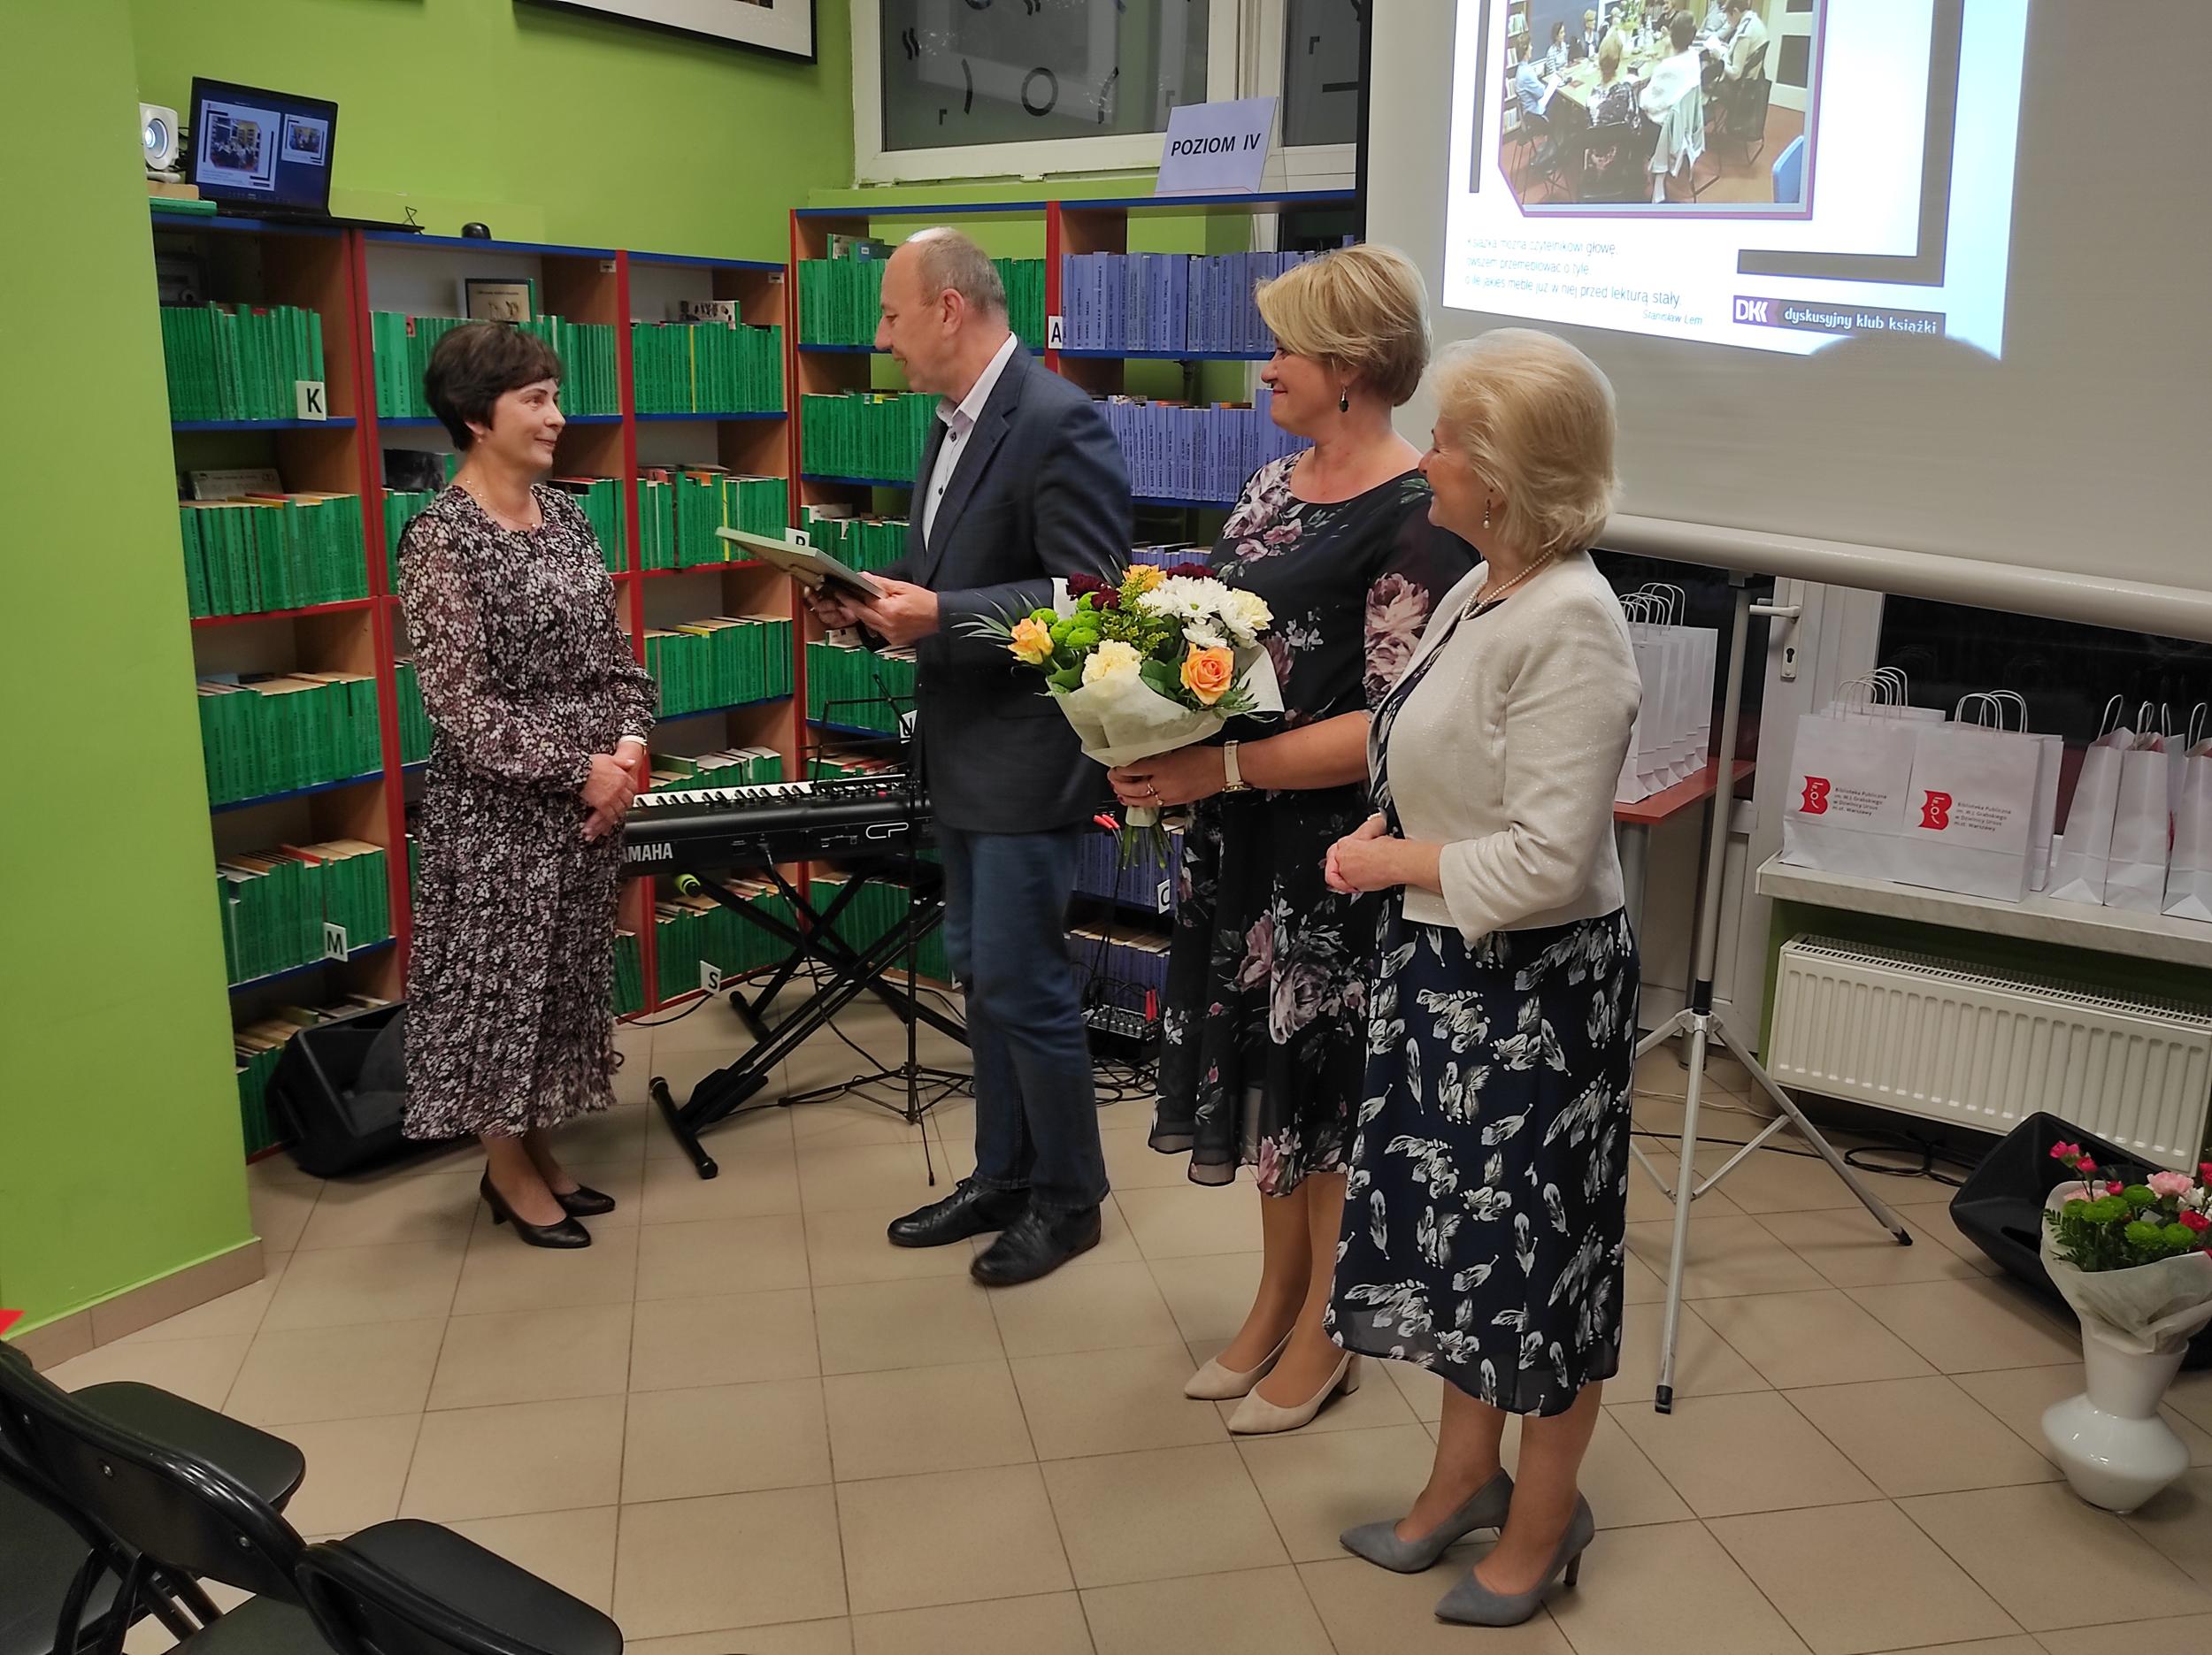 Trzy osoby stoją i gratulują kobiecie, jedna trzyma w ręku kwiaty do wręczenia jubilatce